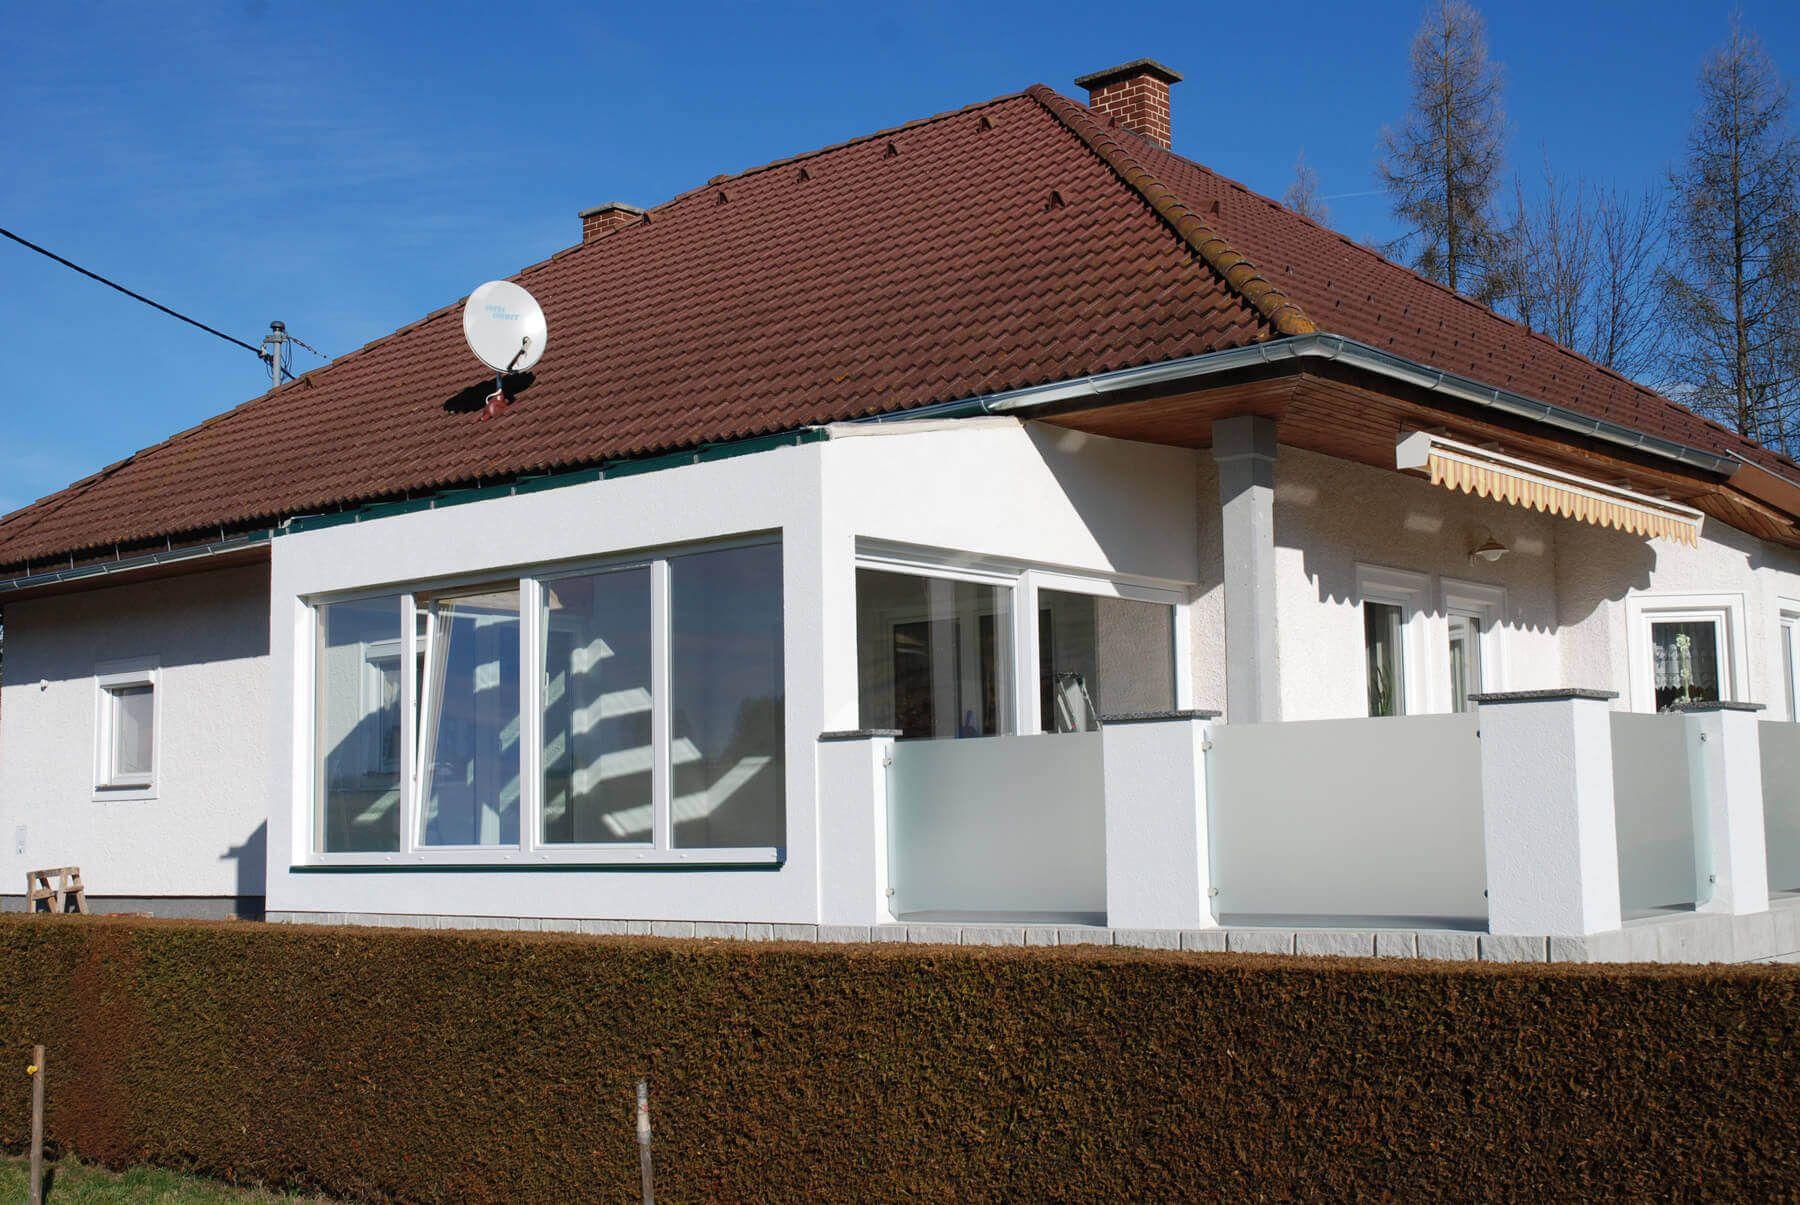 Wintergarten Fenster Kunststoff weiß Wintergarten holz